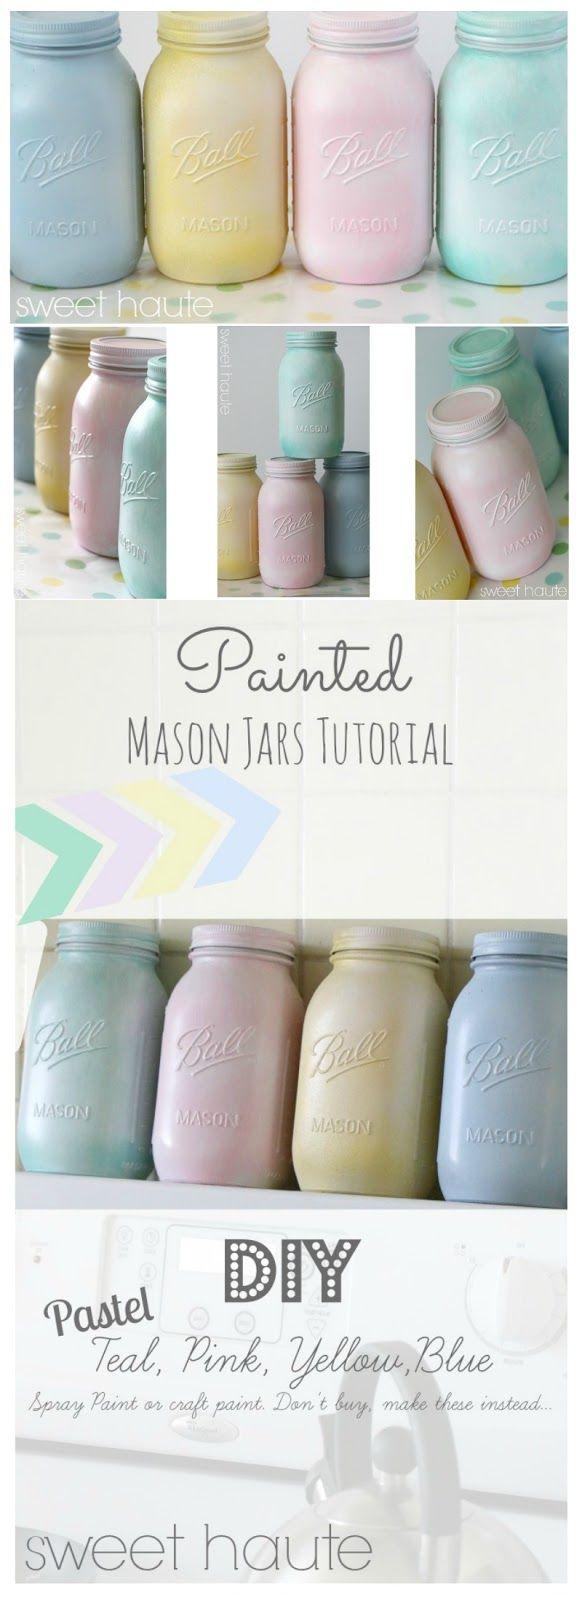 Pastel blue wedding decor  Painted mason jars Pastel diy wedding decor Mason Jars Tutorial